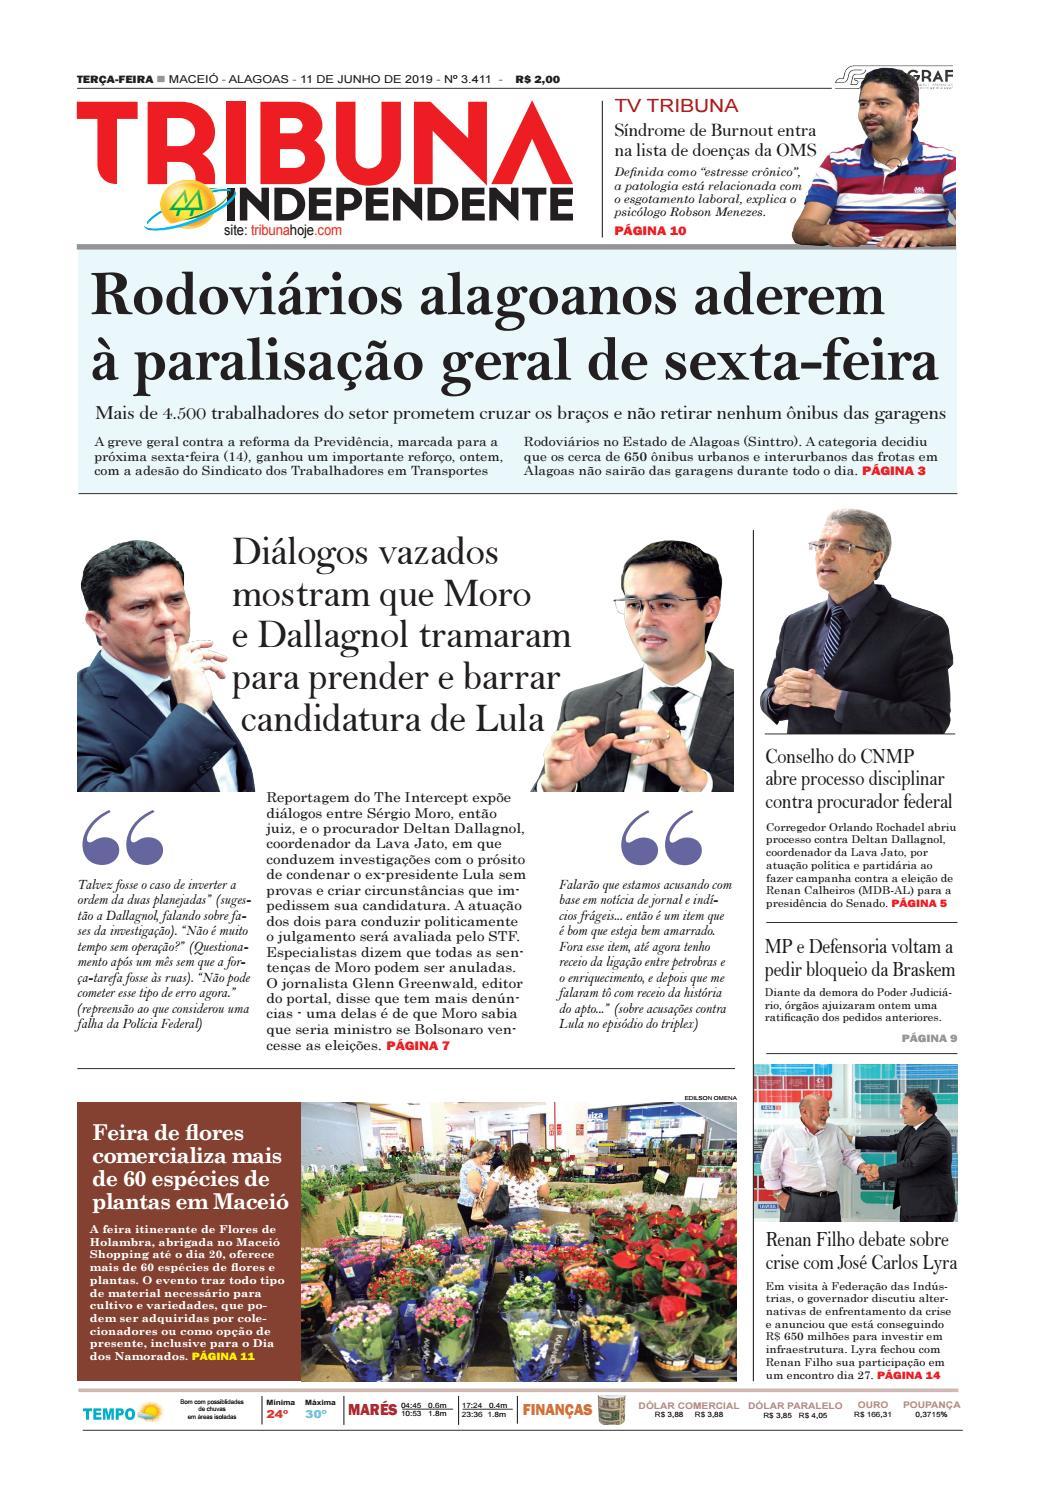 774d3329c Edição número 3411 - 11 de junho de 2019 by Tribuna Hoje - issuu